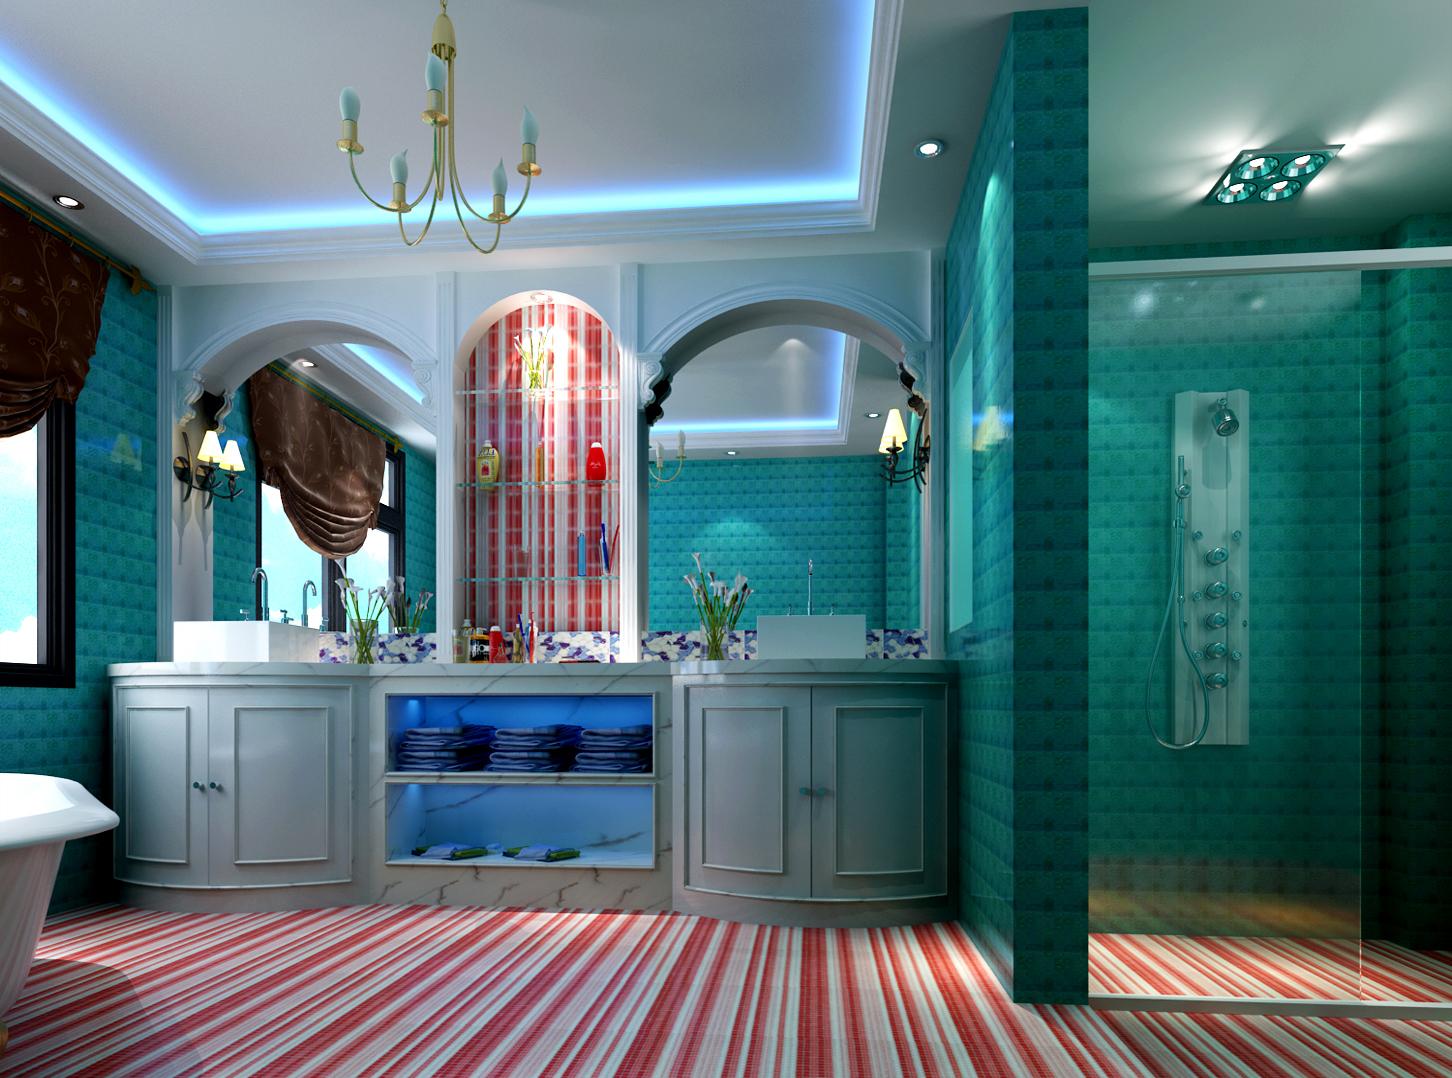 别墅 欧式 白领 厨房图片来自沙漠雪雨在天竺新新家园 欧式风格的分享